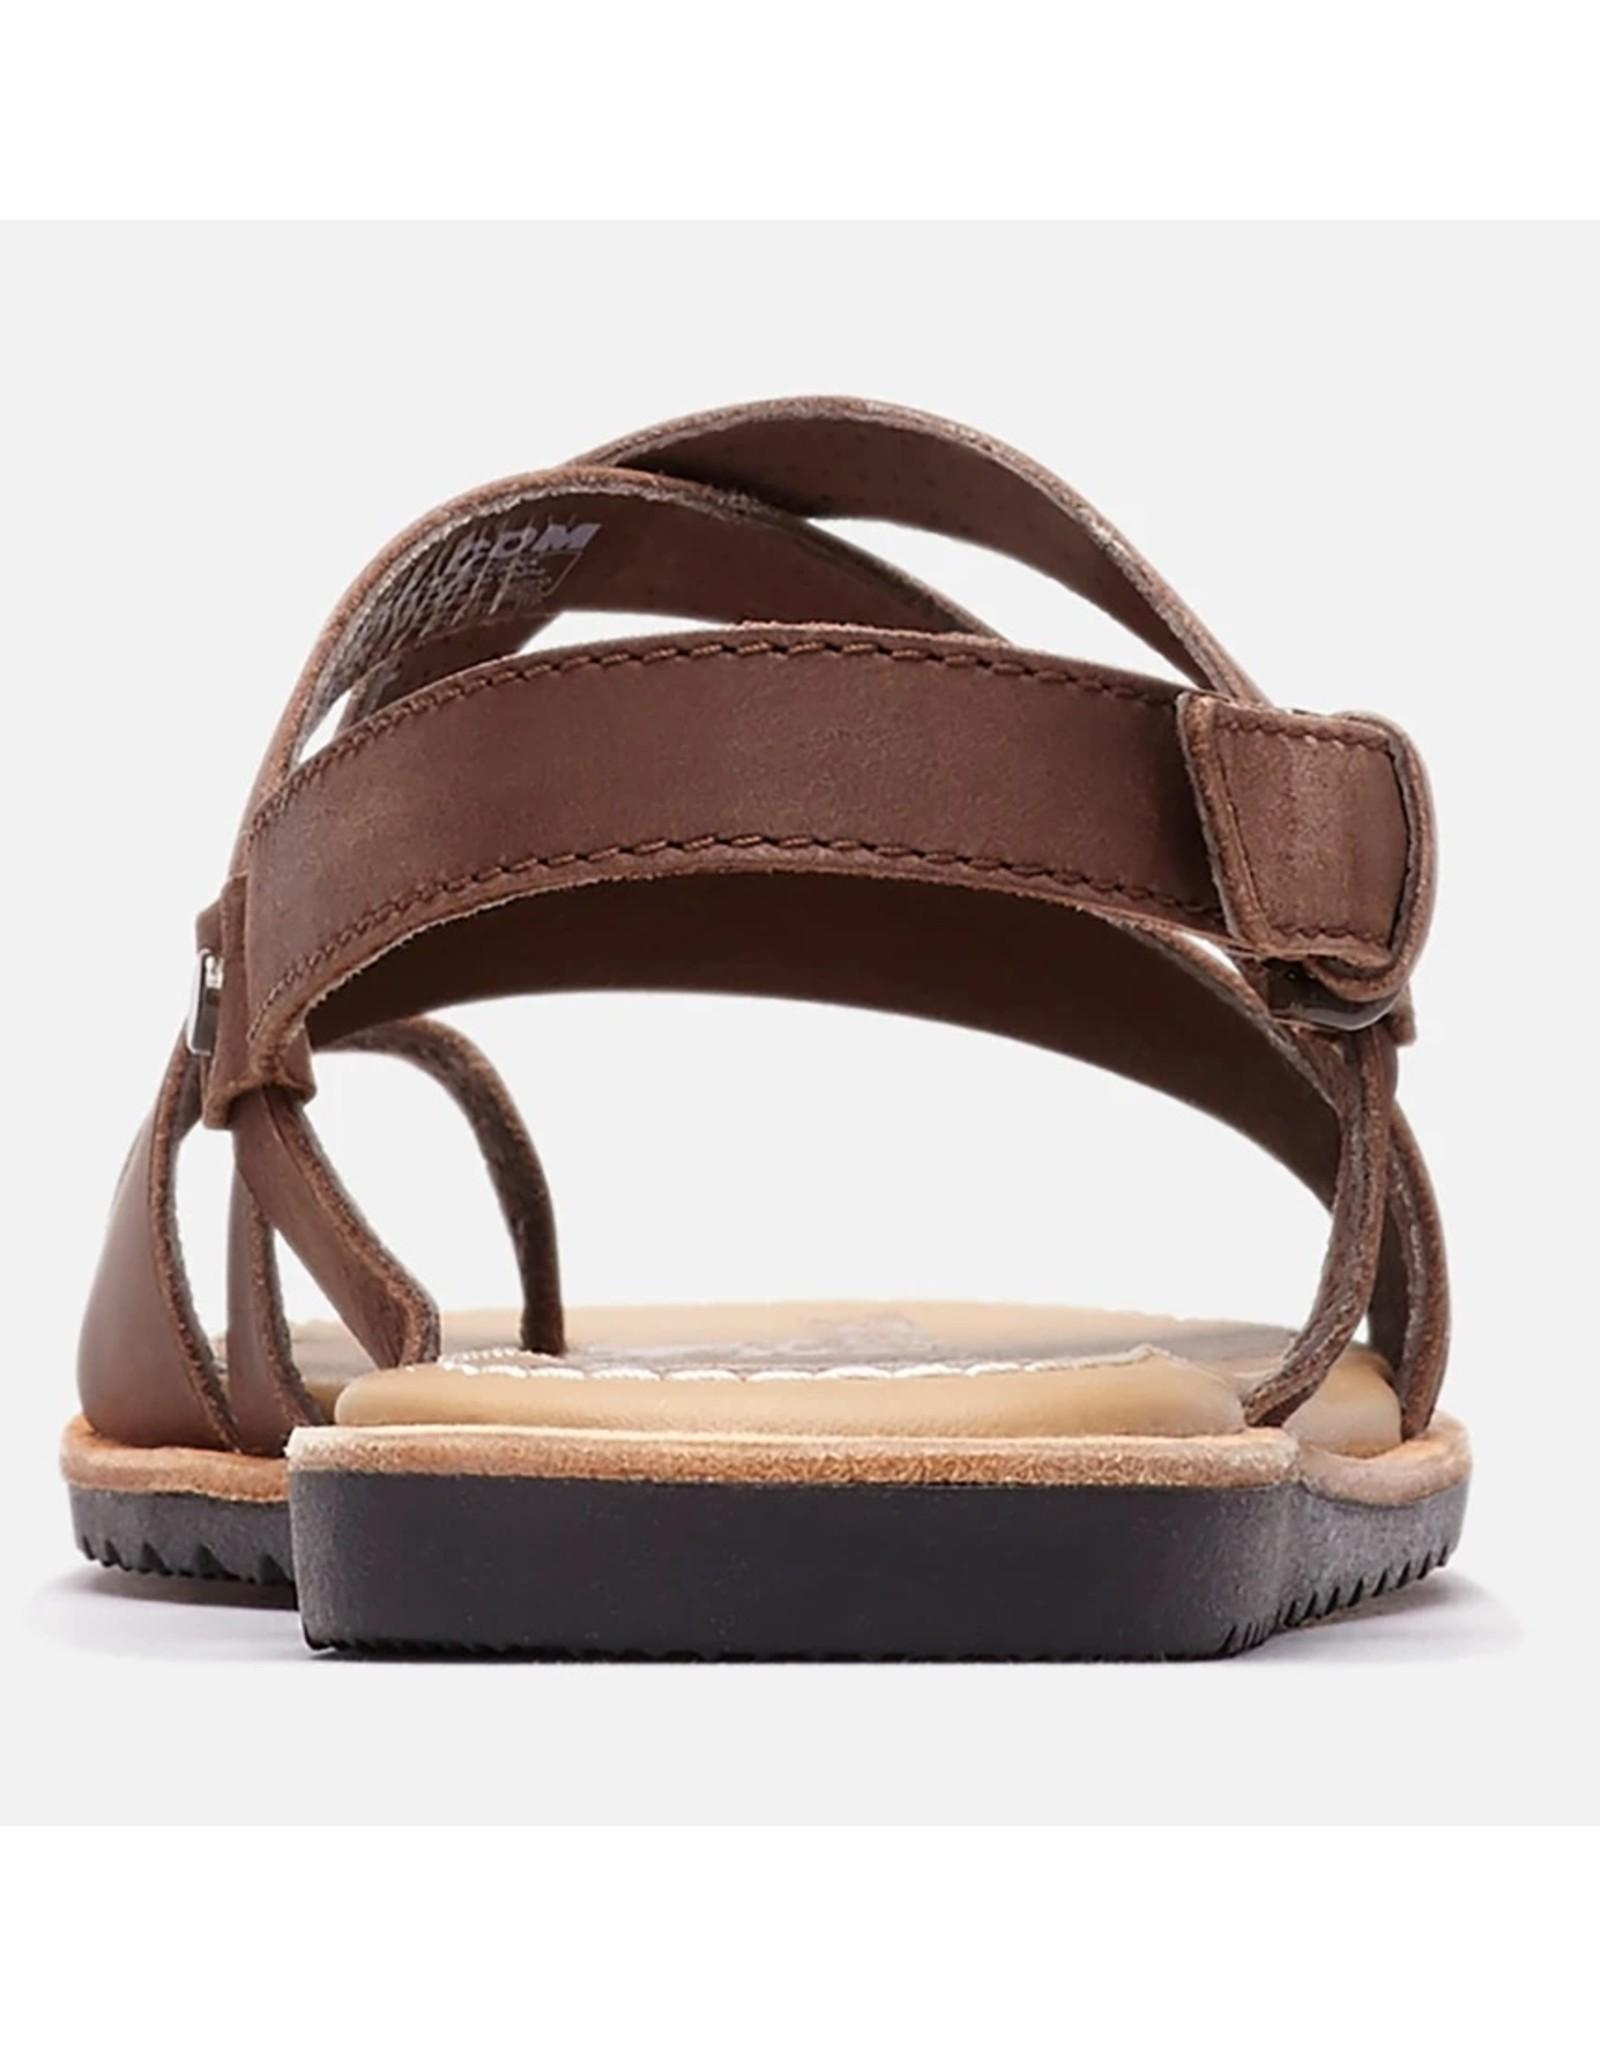 Sorel Ella criss cross sandal